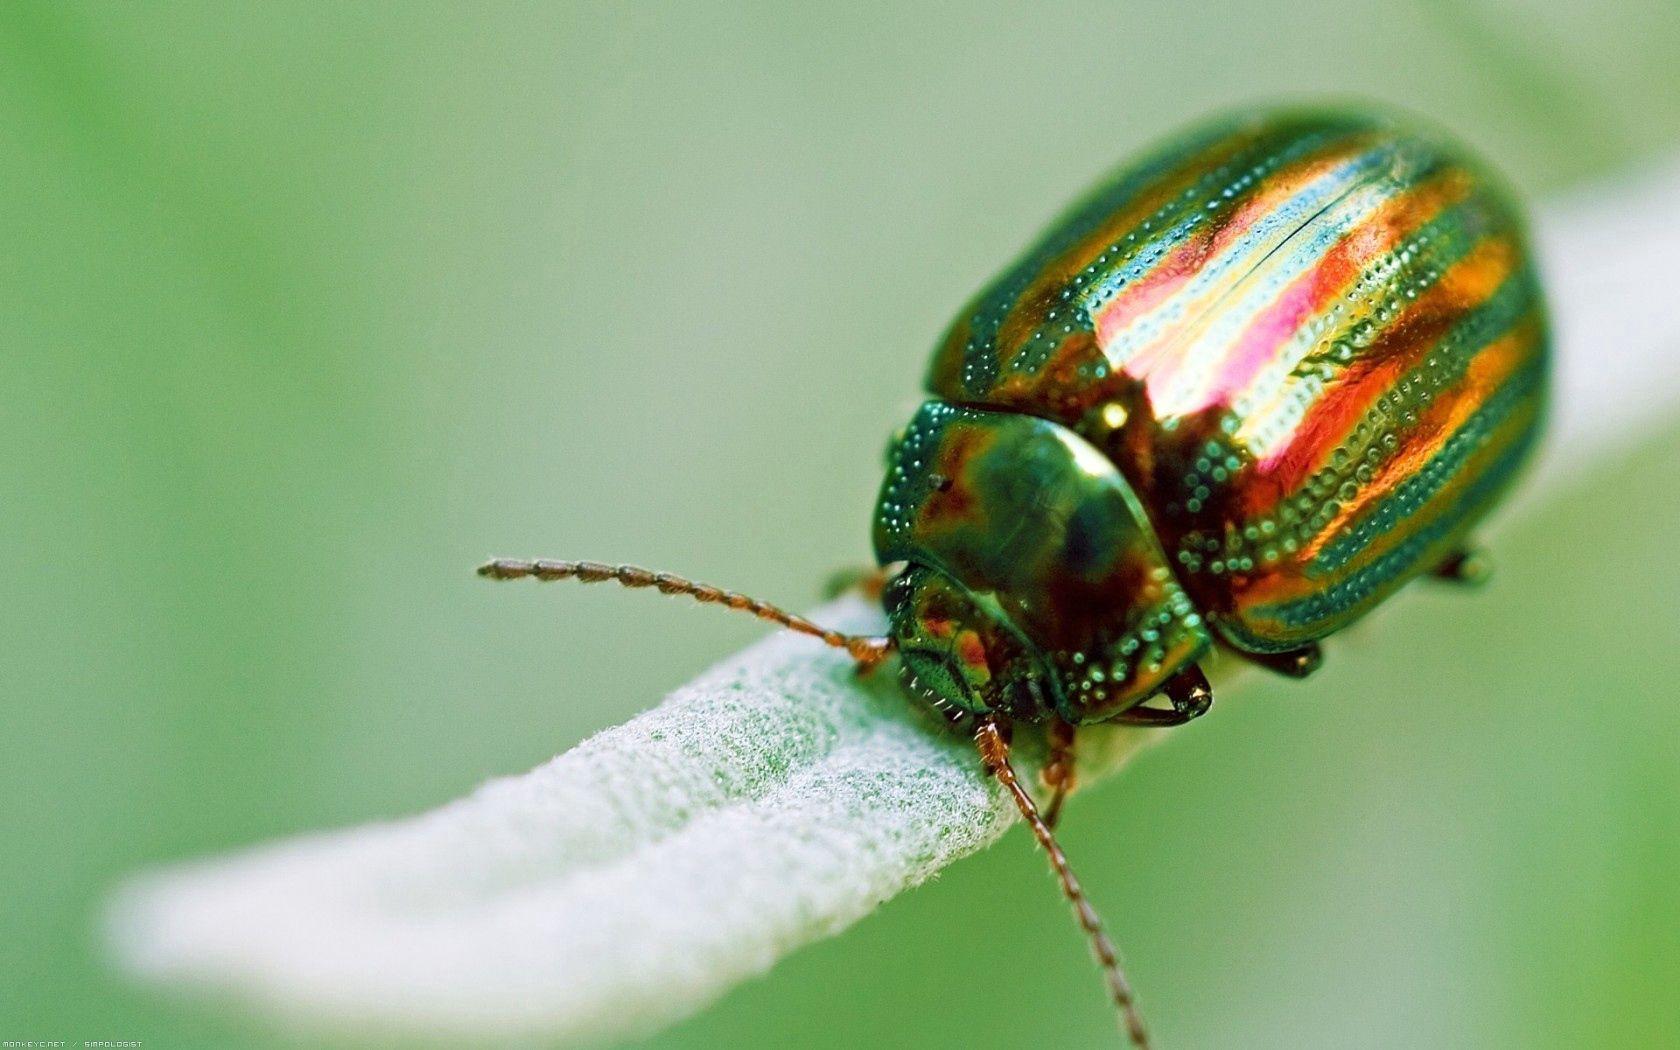 手機的109932屏保和壁紙昆虫。 免費下載 宏, 昆虫, 漏洞, 甲壳虫, 绿色的, 金的, 金色 圖片